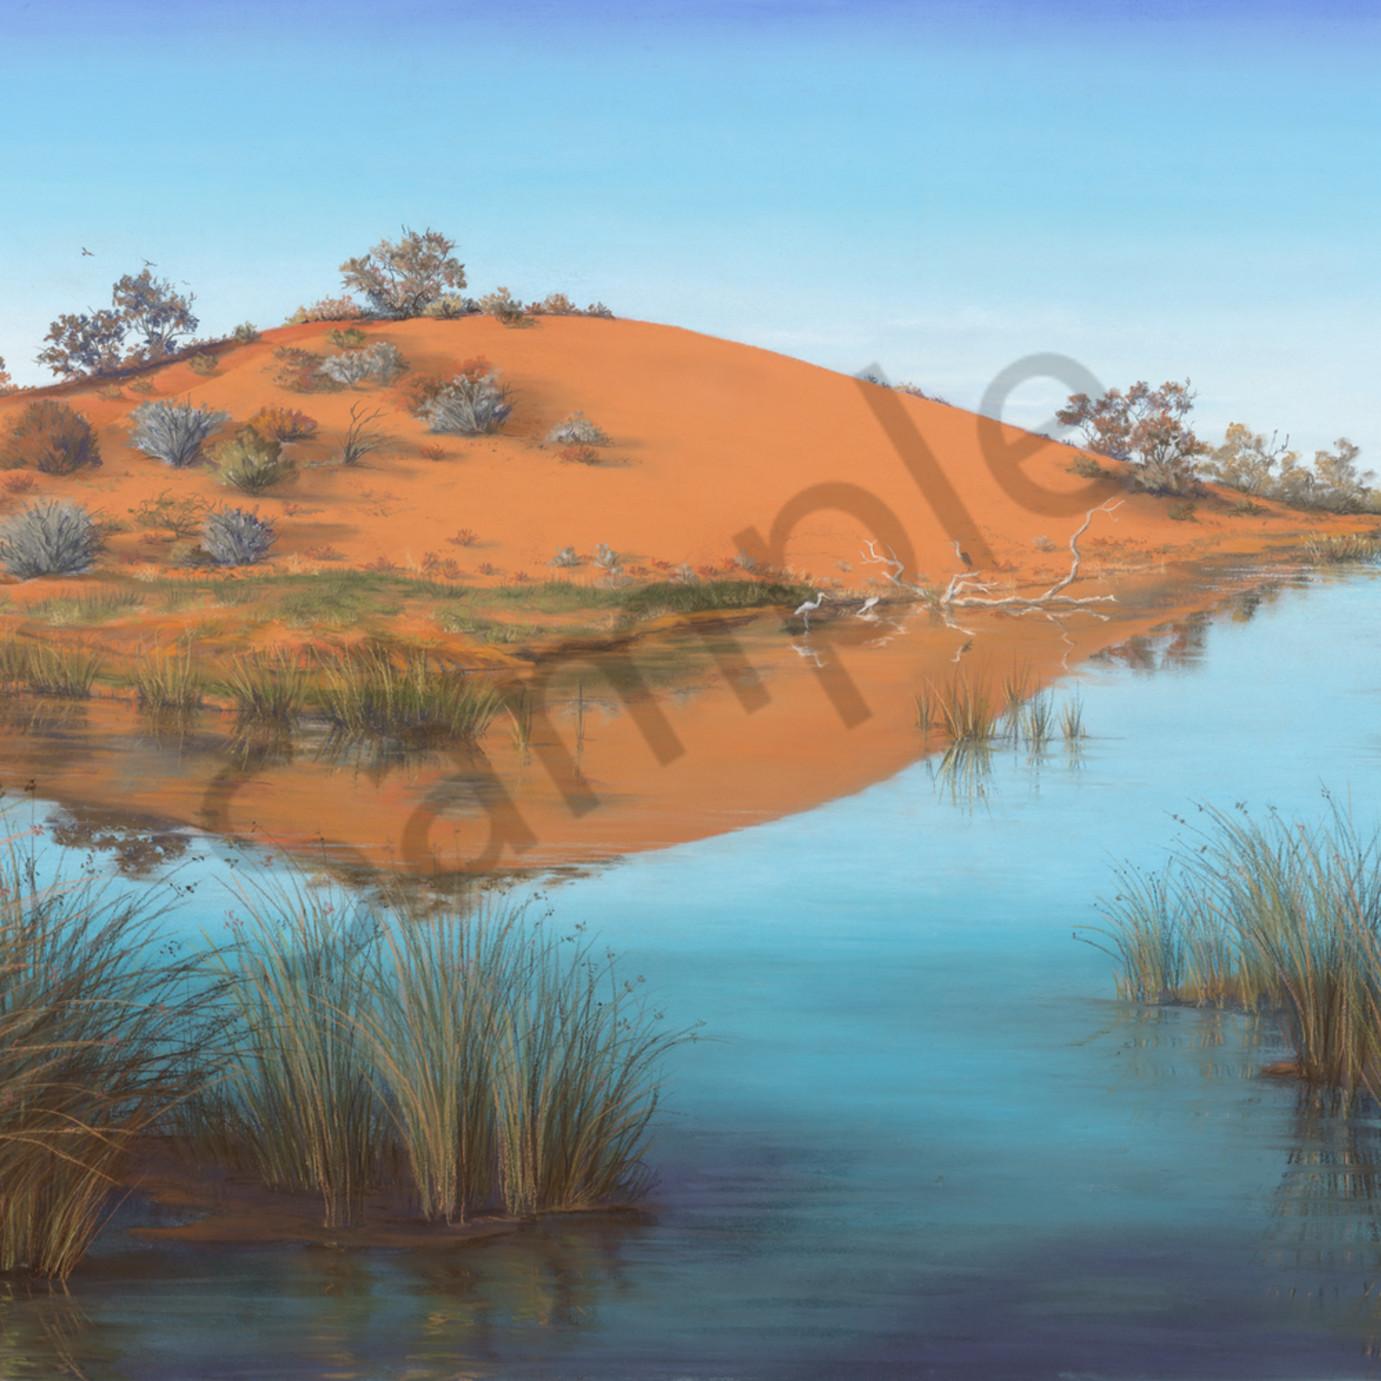 Jgre 052 oasis in the desert 67x97cm original yvphmq